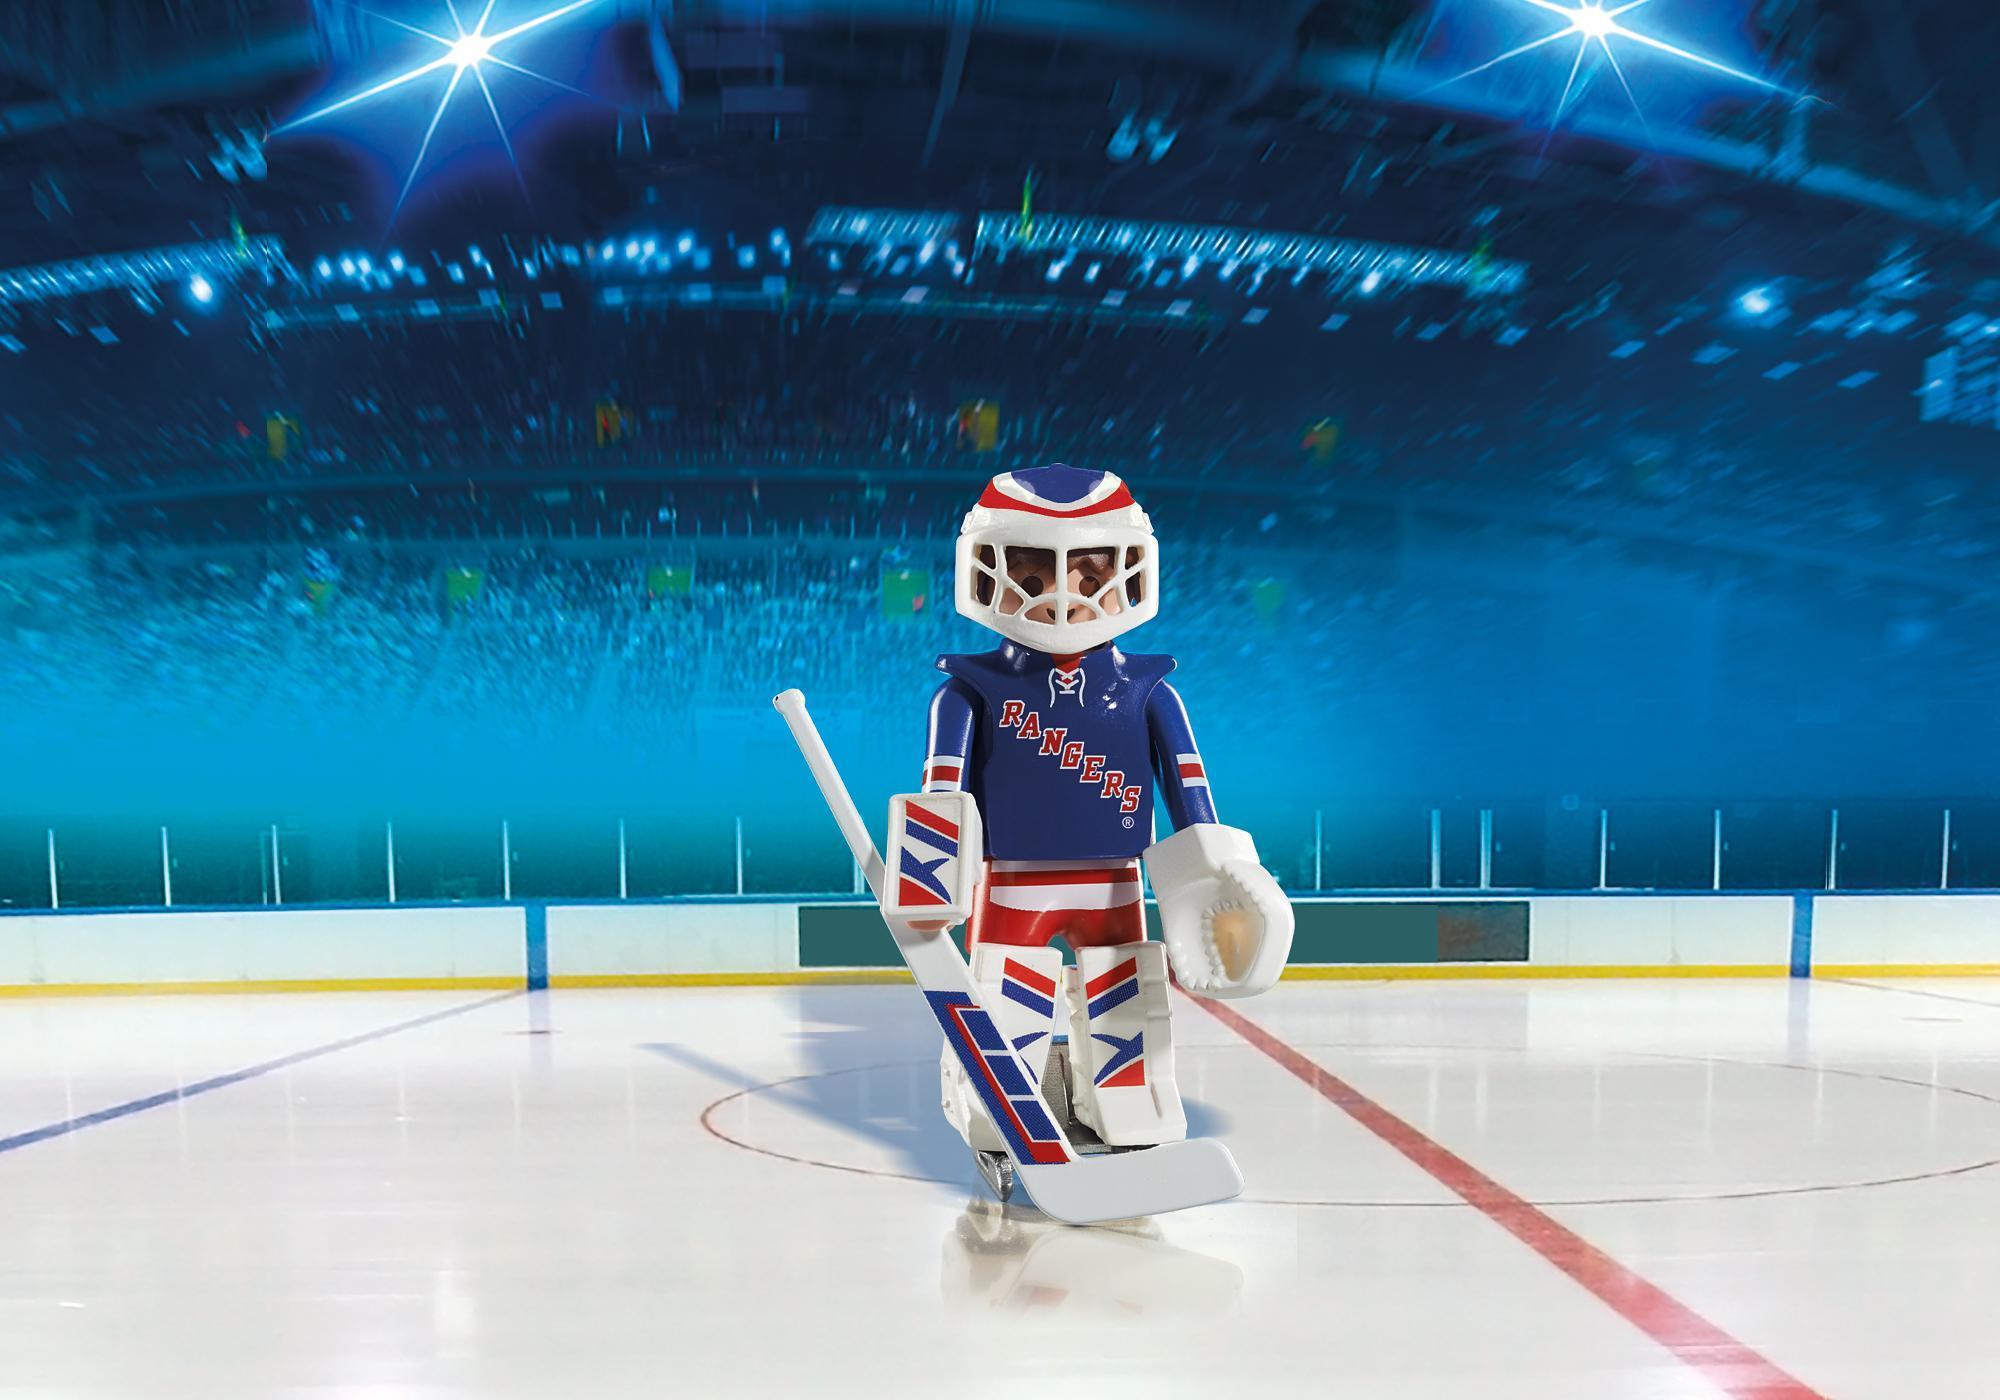 5081_product_detail/NHL® New York Rangers® Goalie